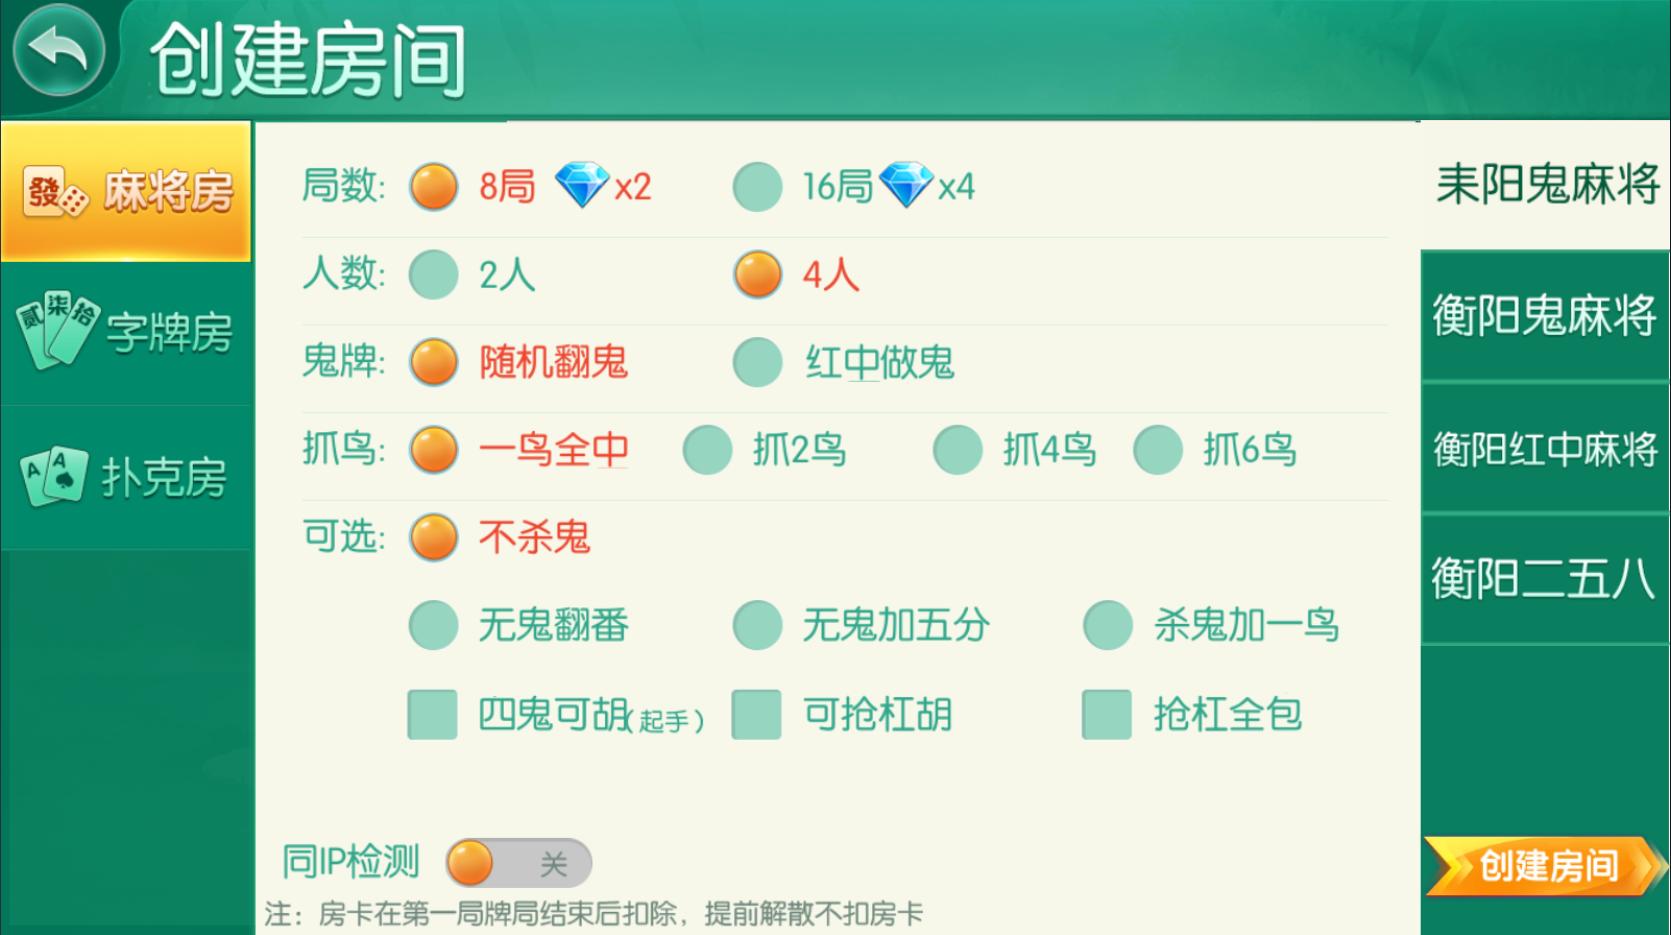 网狐二开跑胡子合集 麻将游戏 字牌游戏 扑克游戏 完整整理-第6张